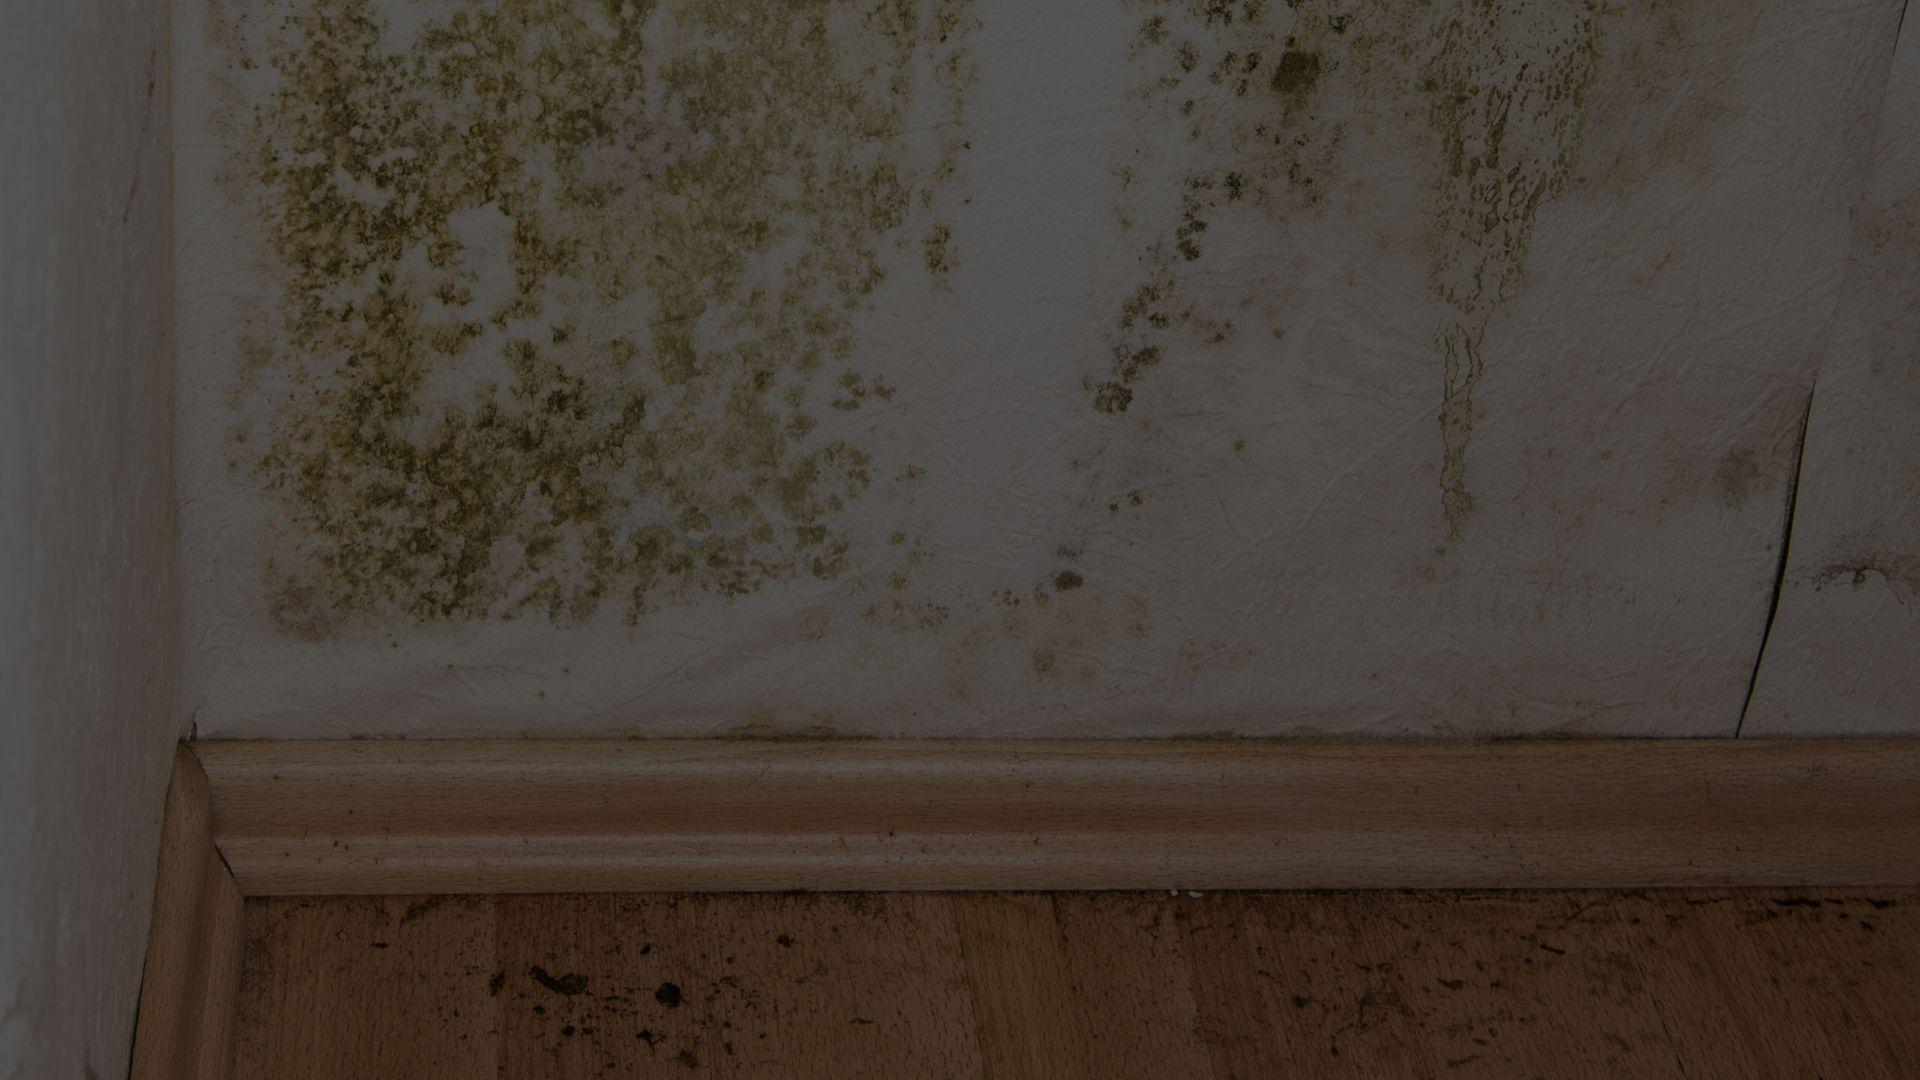 Bescherm uw huis en uw gezin tegen gevaarlijke schimmel